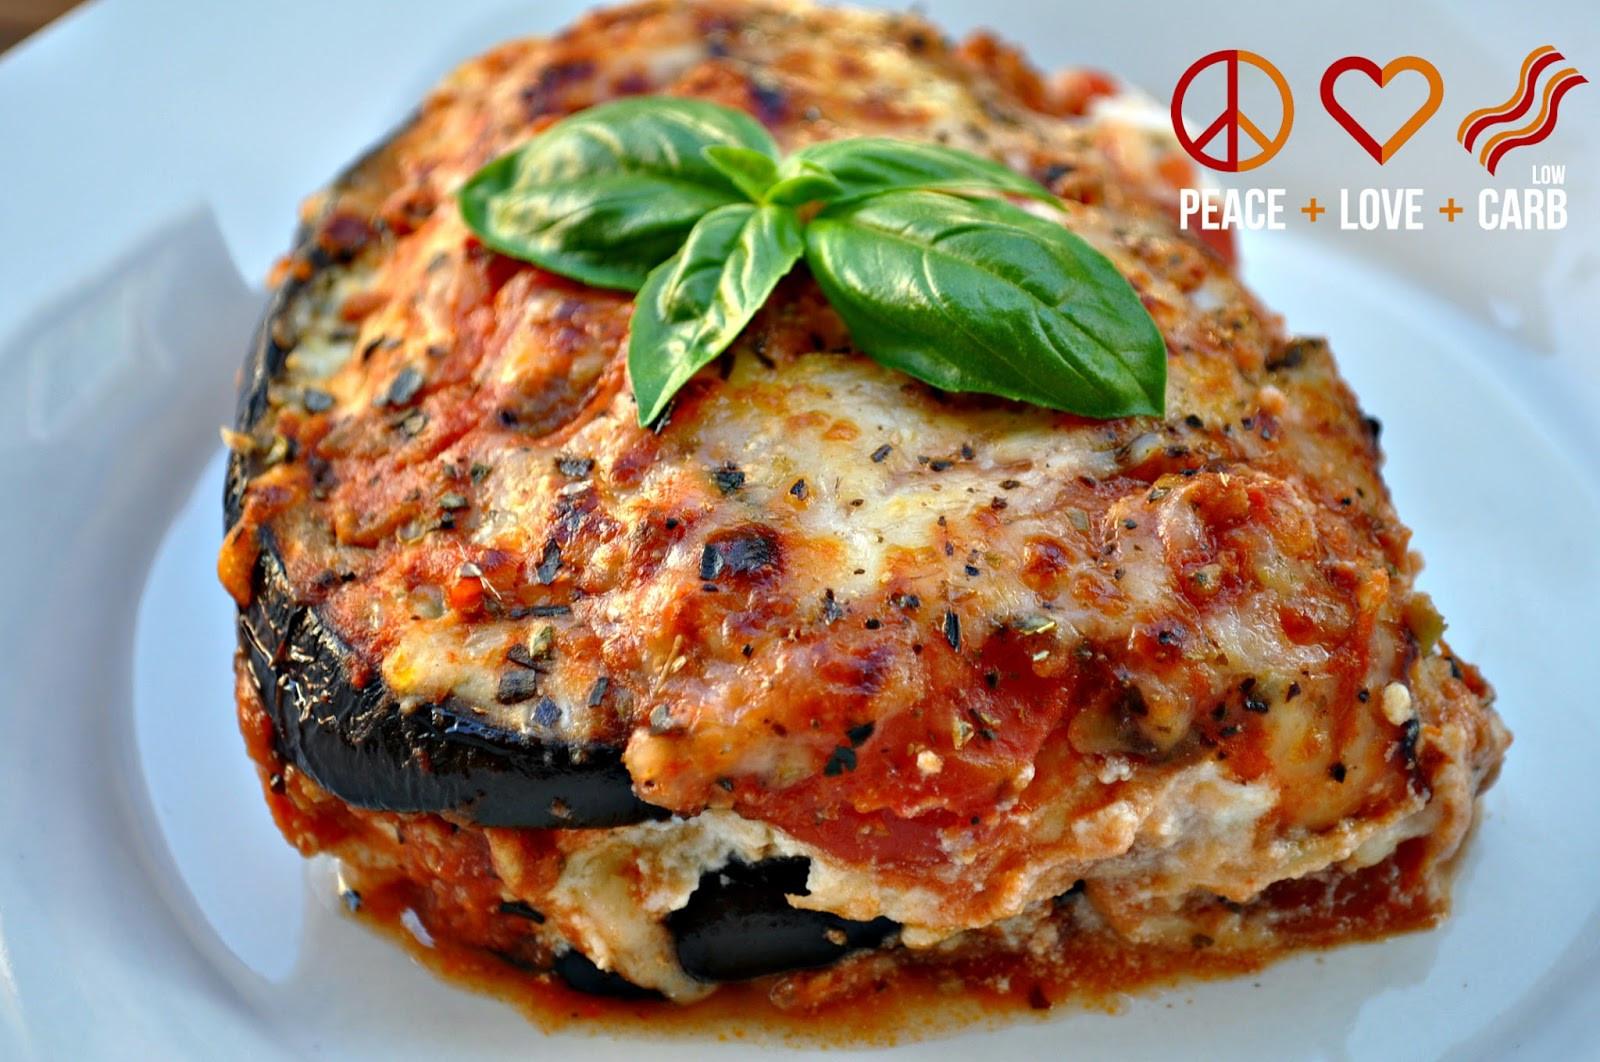 Low Carb Eggplant Recipes  Eggplant Lasagna with Meat Sauce Low Carb Lasagna